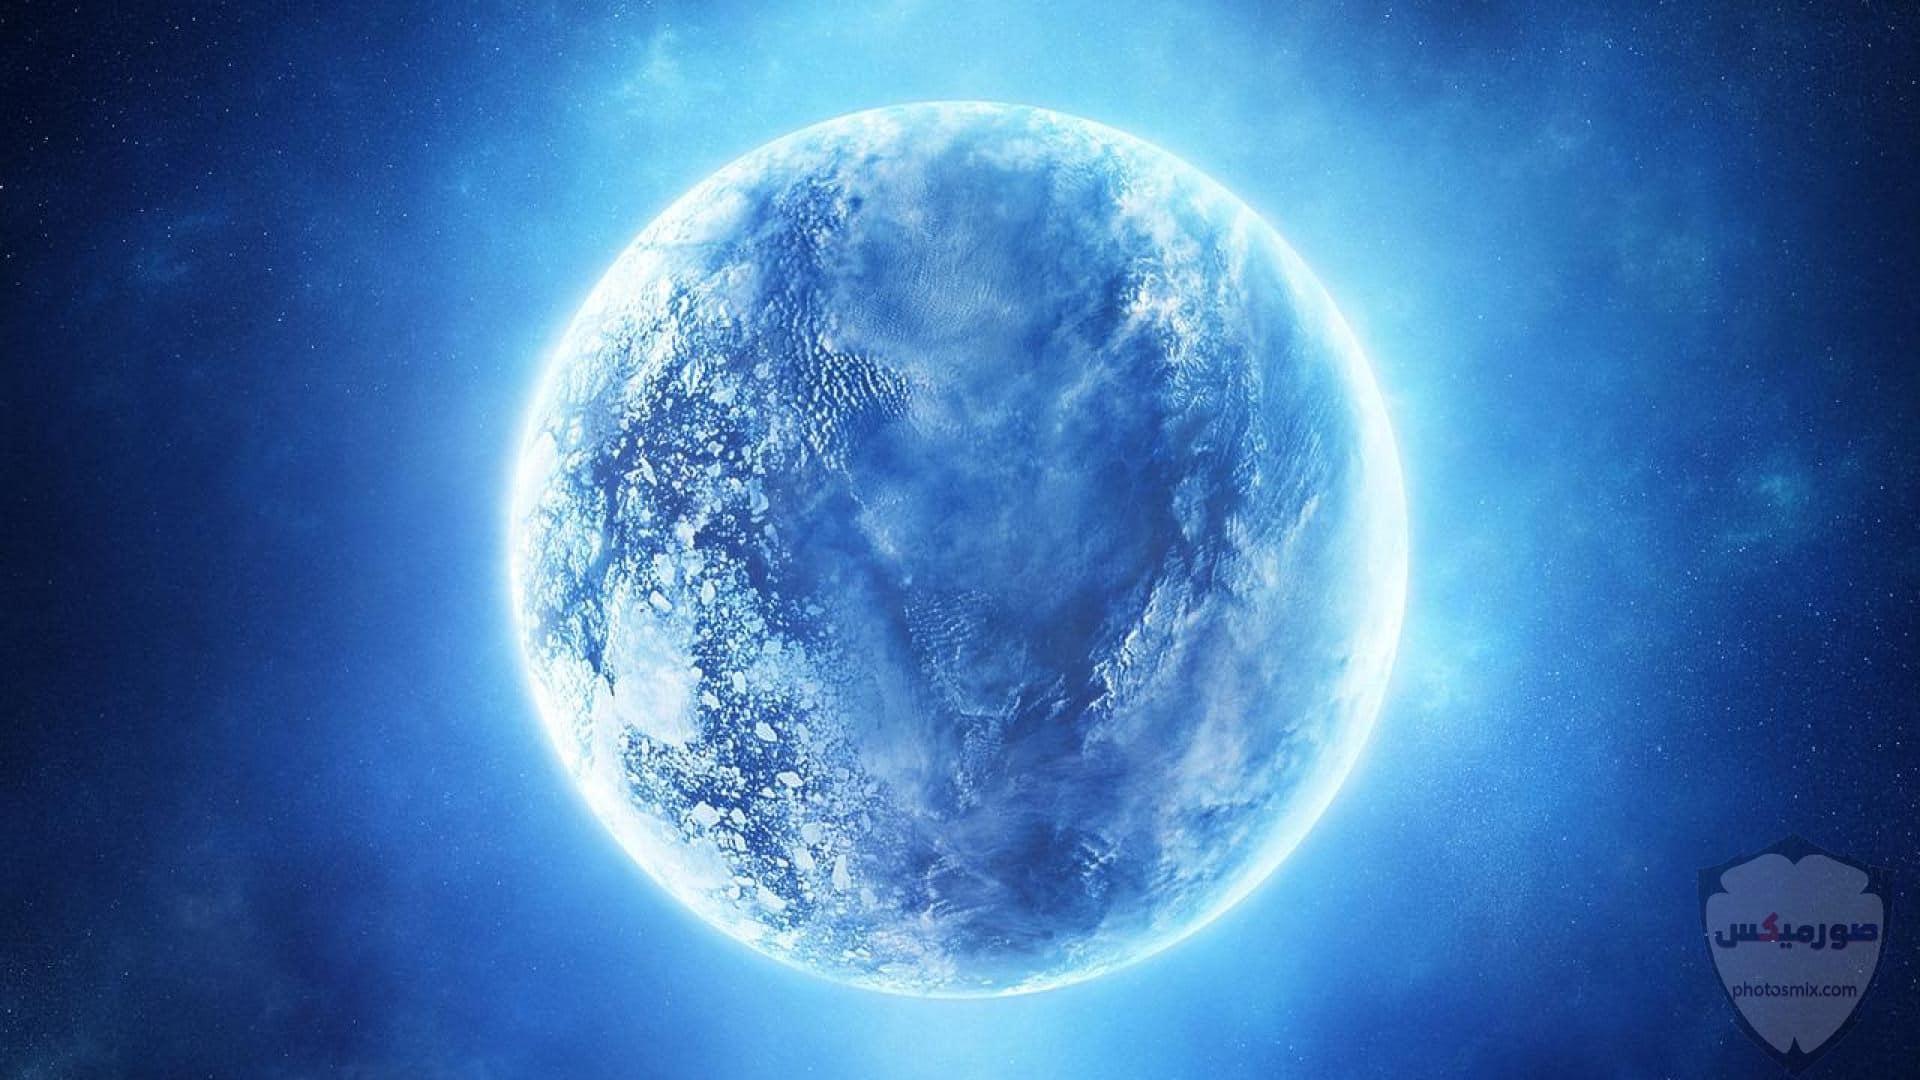 خلفيات قمر وبحر خلفيات القمر والنجوم خلفيات قمر للايفون 3